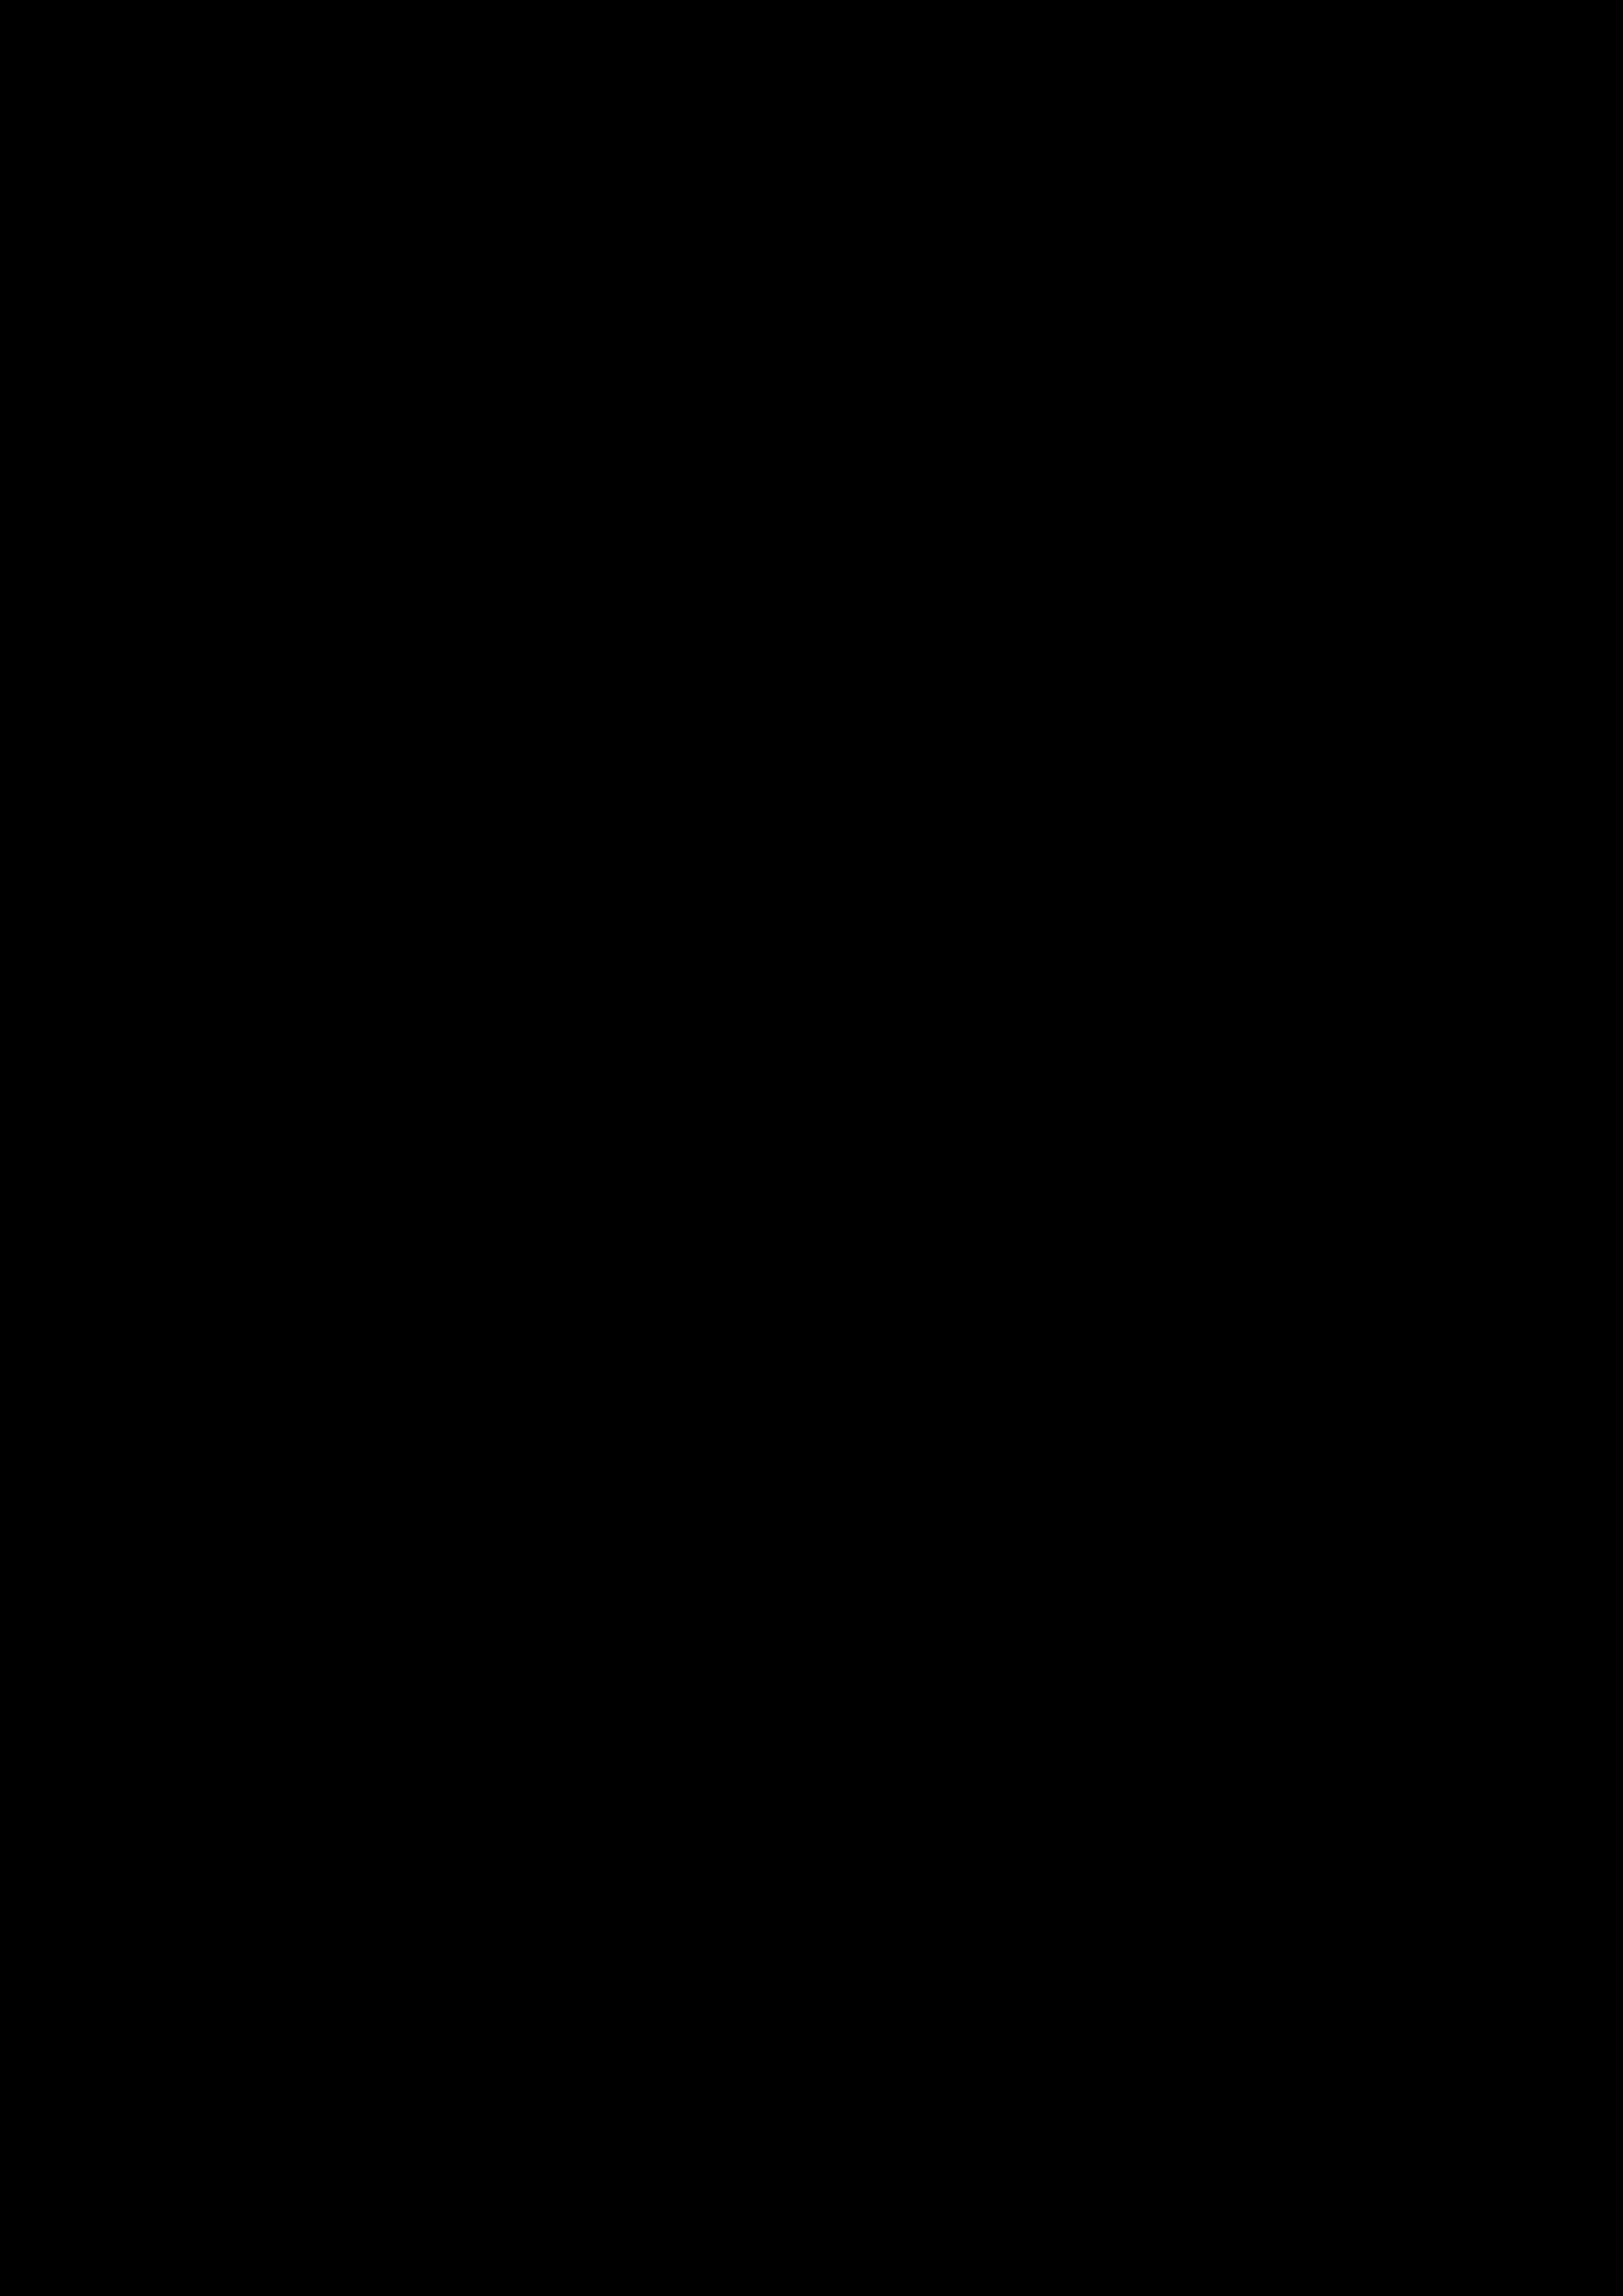 Acic divulga calendário anual de eventos para 2020